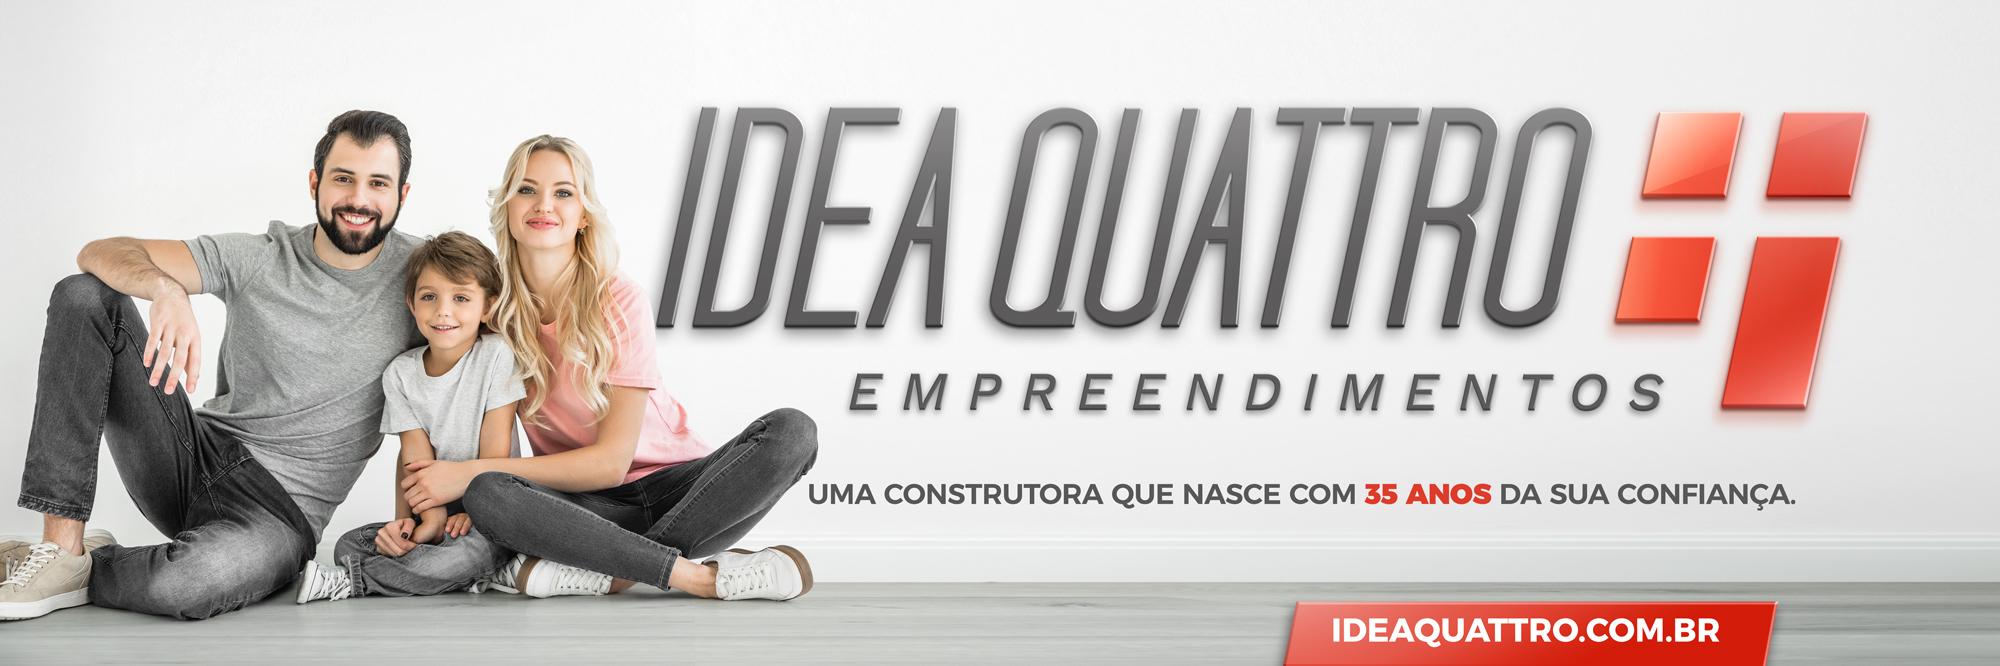 11457_ID4_Campanha-Institucional_Outdoor-9x3m_4.jpg